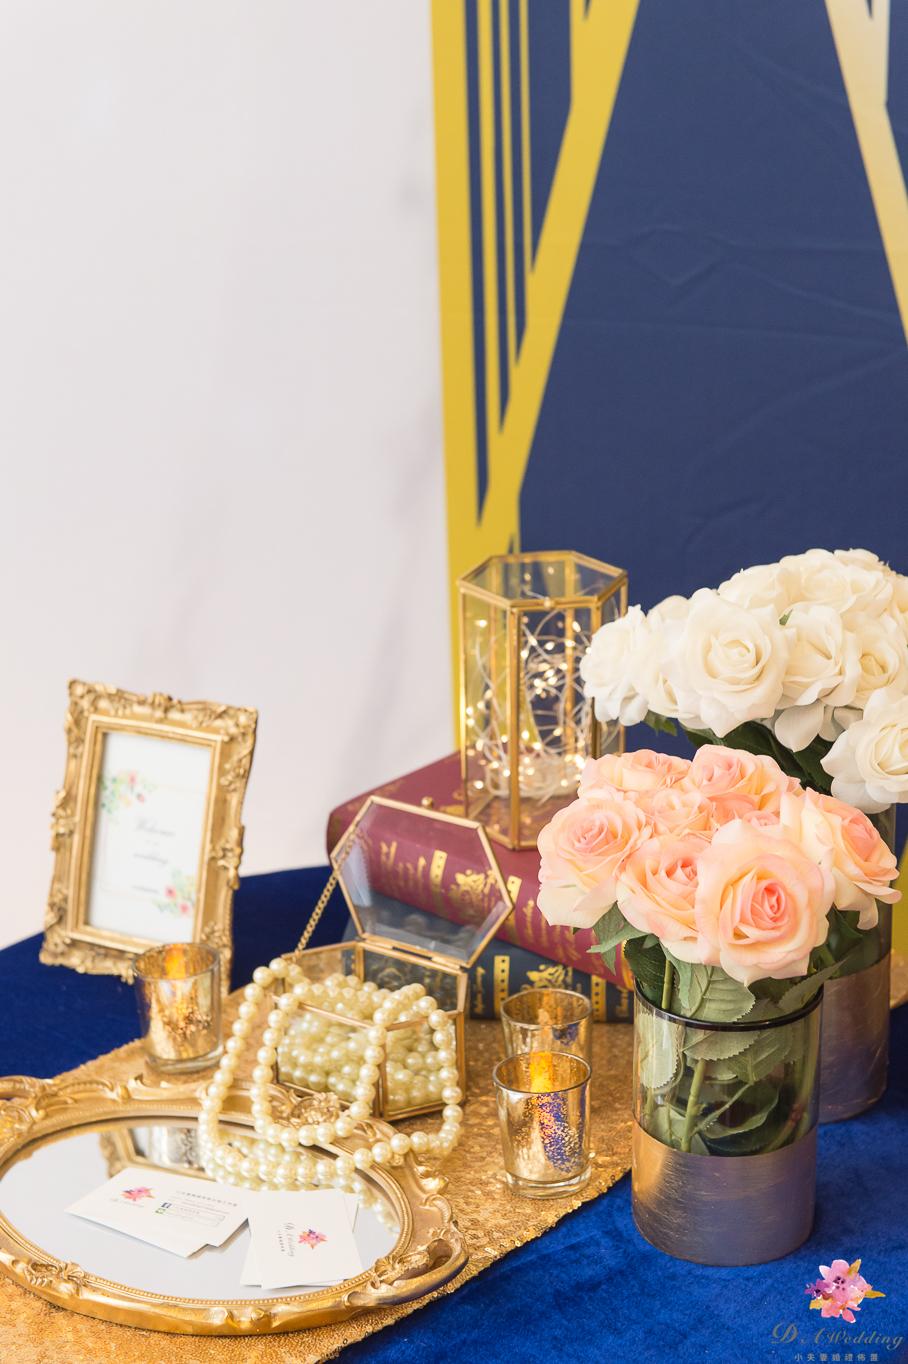 0903-85 - 小夫妻婚禮佈置&婚禮主持人《結婚吧》